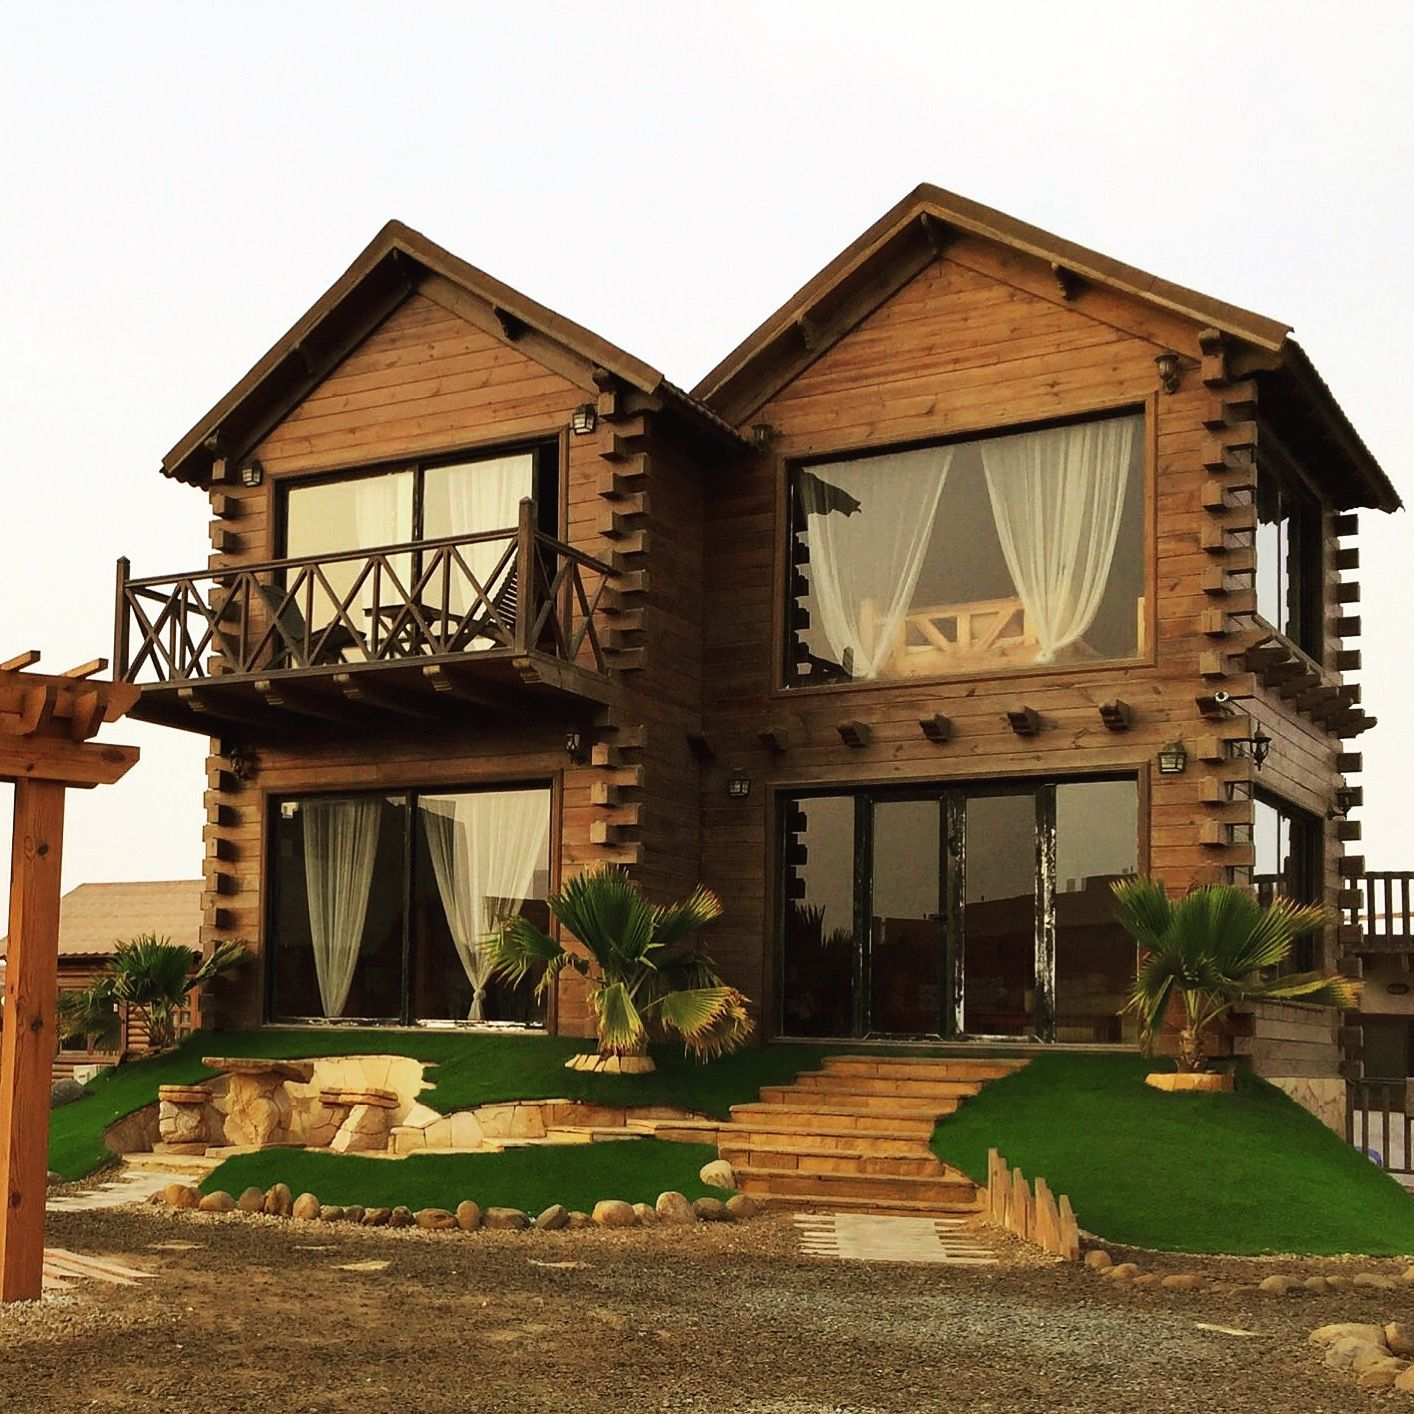 كوخ خشبي من طابقين ضمان ١٥ سنة تصميم وتنفيذ الحسين للمنازل الريفية House Styles Country Cottage Types Of Doors